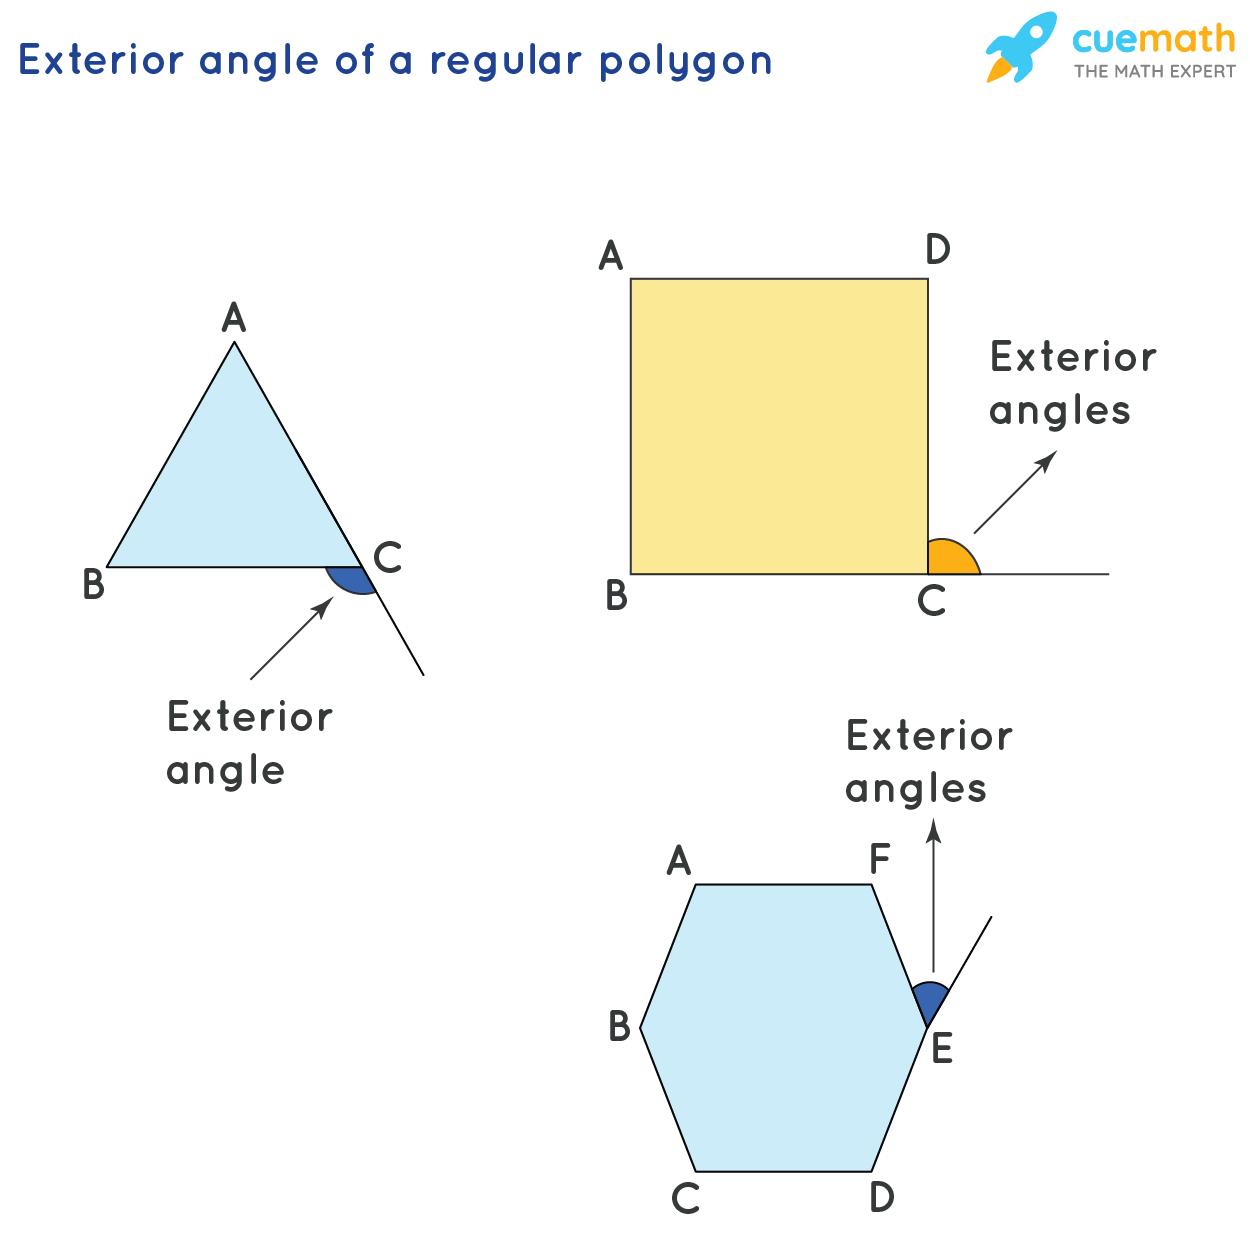 exterior angle of a regular polygon